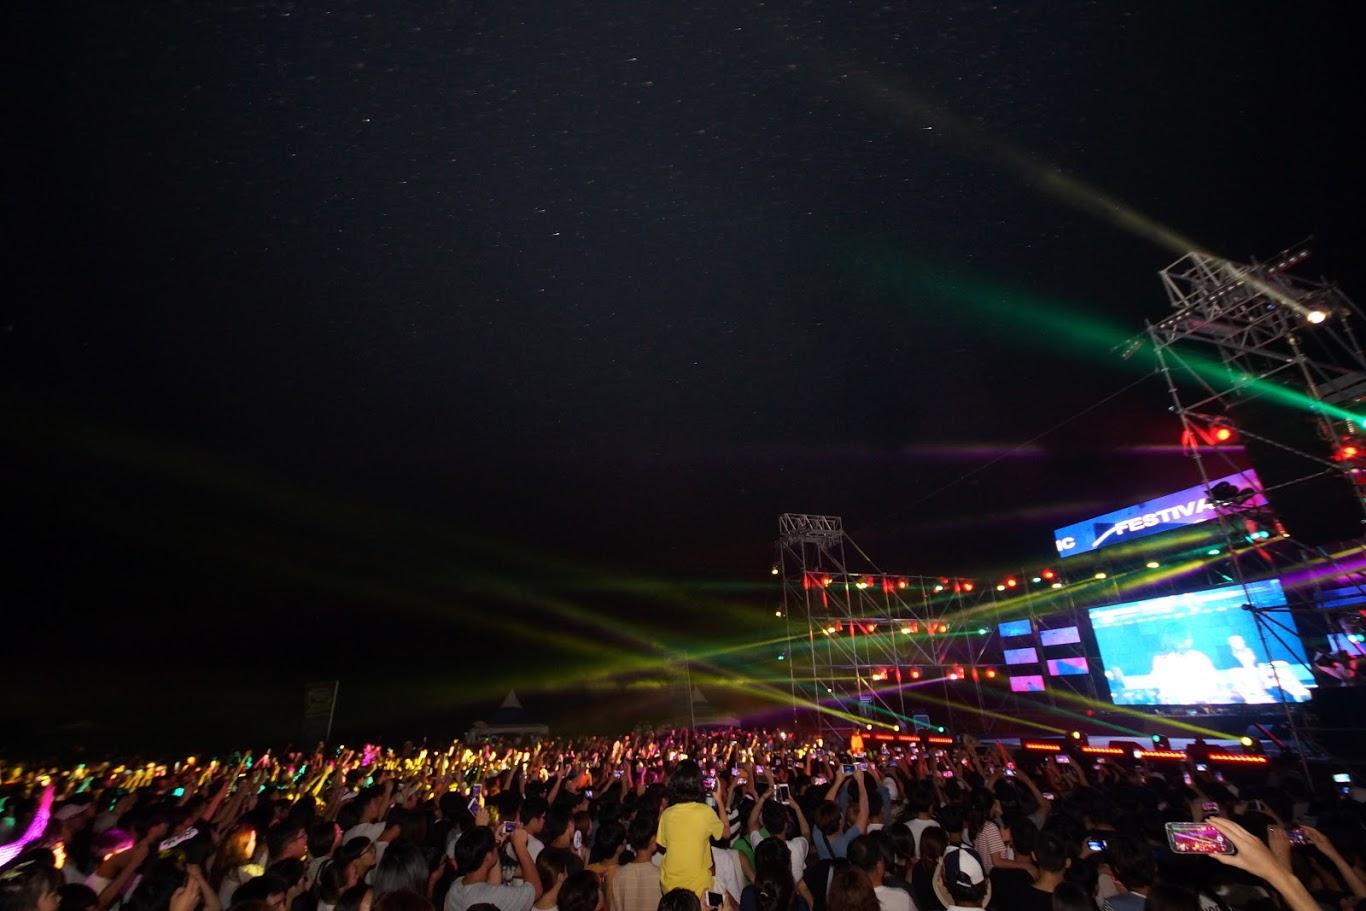 경포썸머뮤직페스티벌,강원도 강릉시,지역축제,축제정보